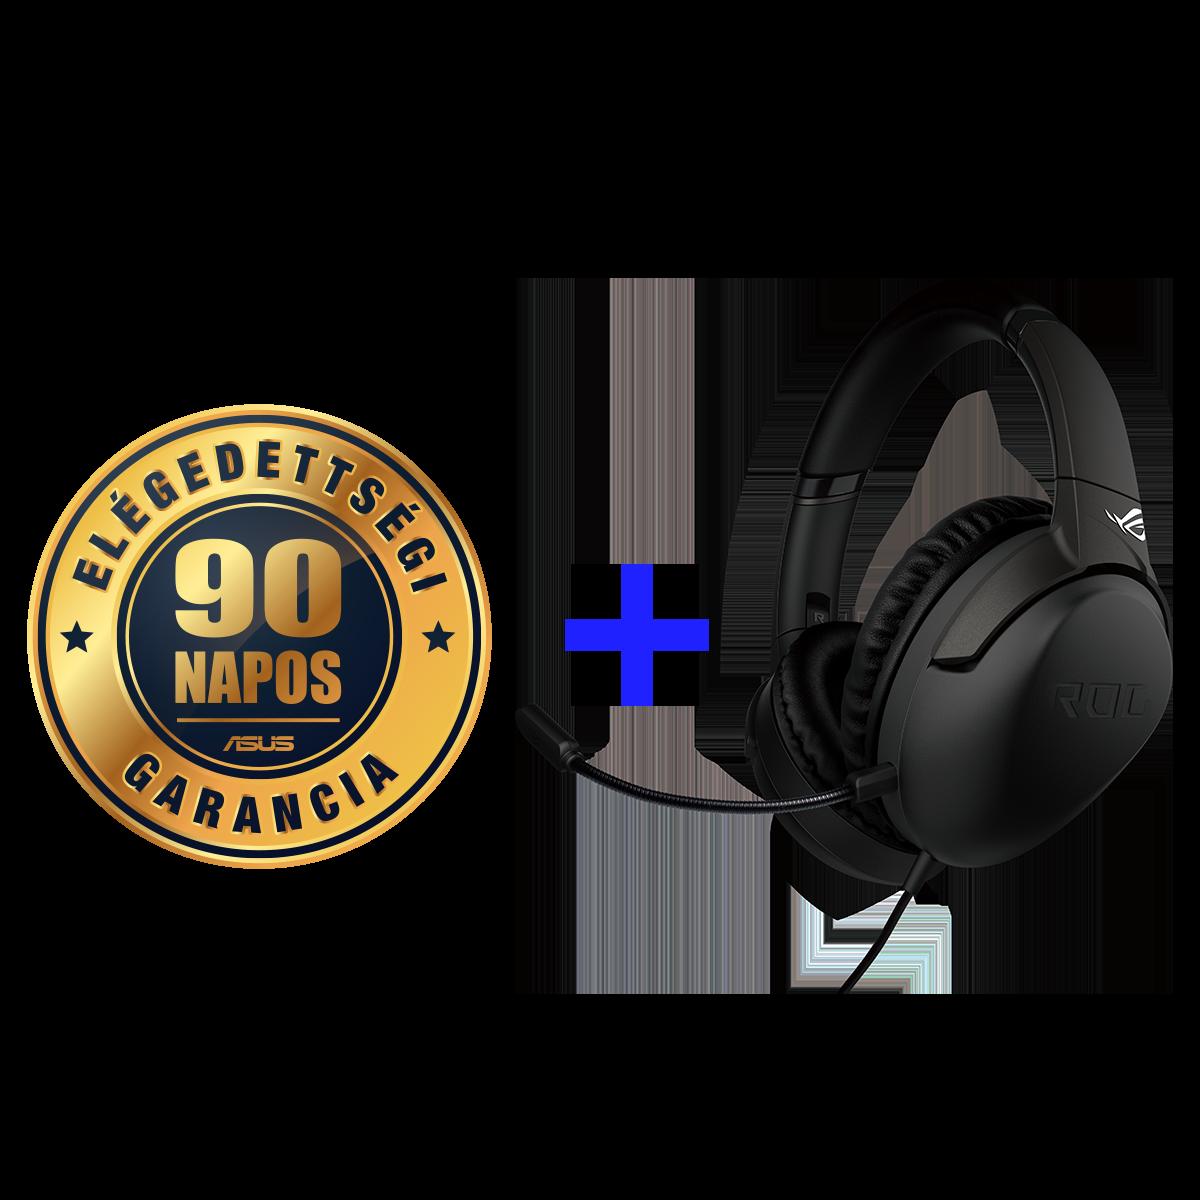 ASUS elégedettségi garancia és ráadás headset!